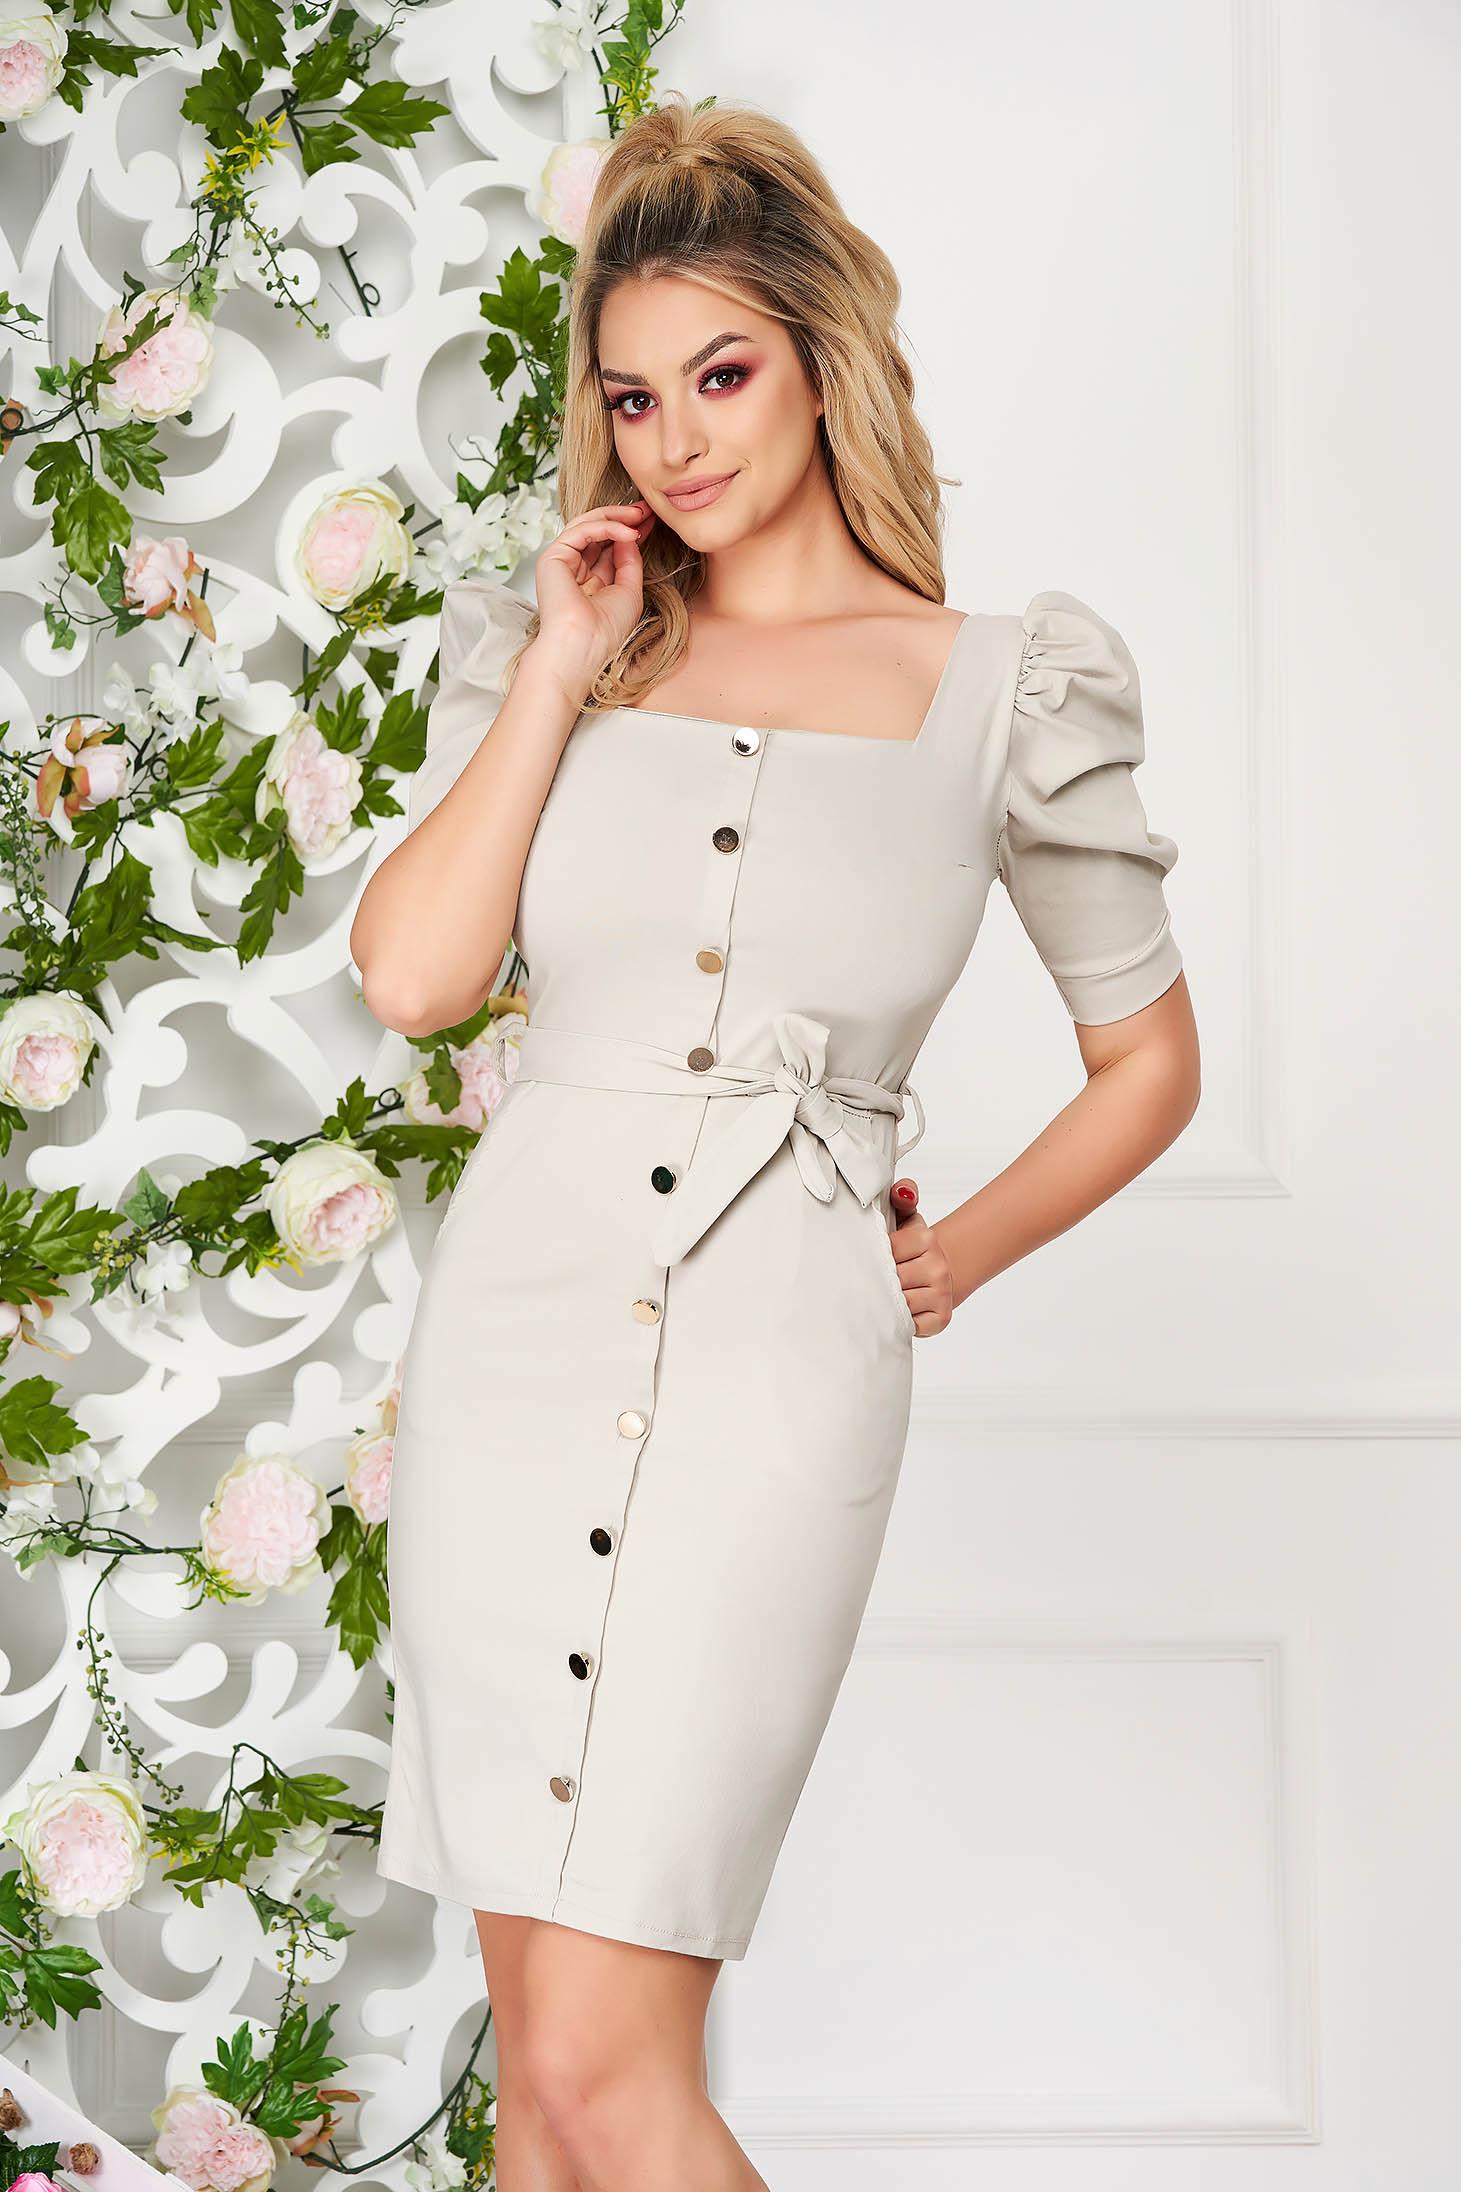 Cream dress elegant short cut pencil with pockets high shoulders